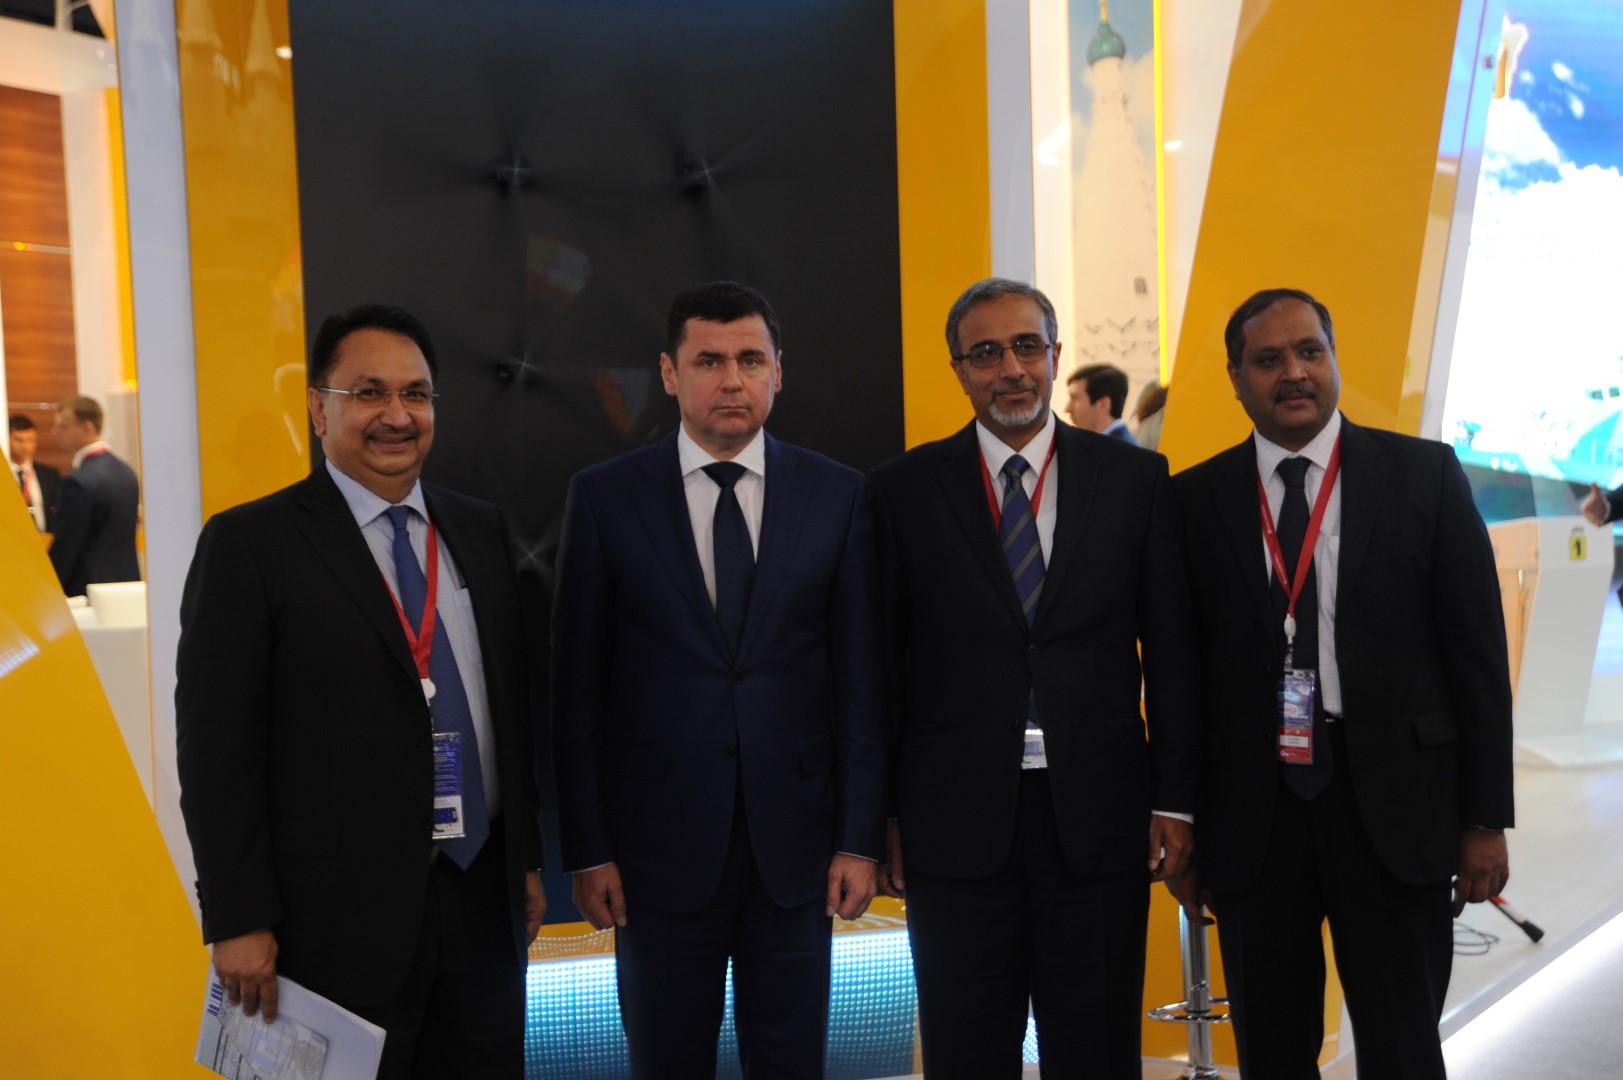 Ярославская область планирует сотрудничать с индийскими предприятиями